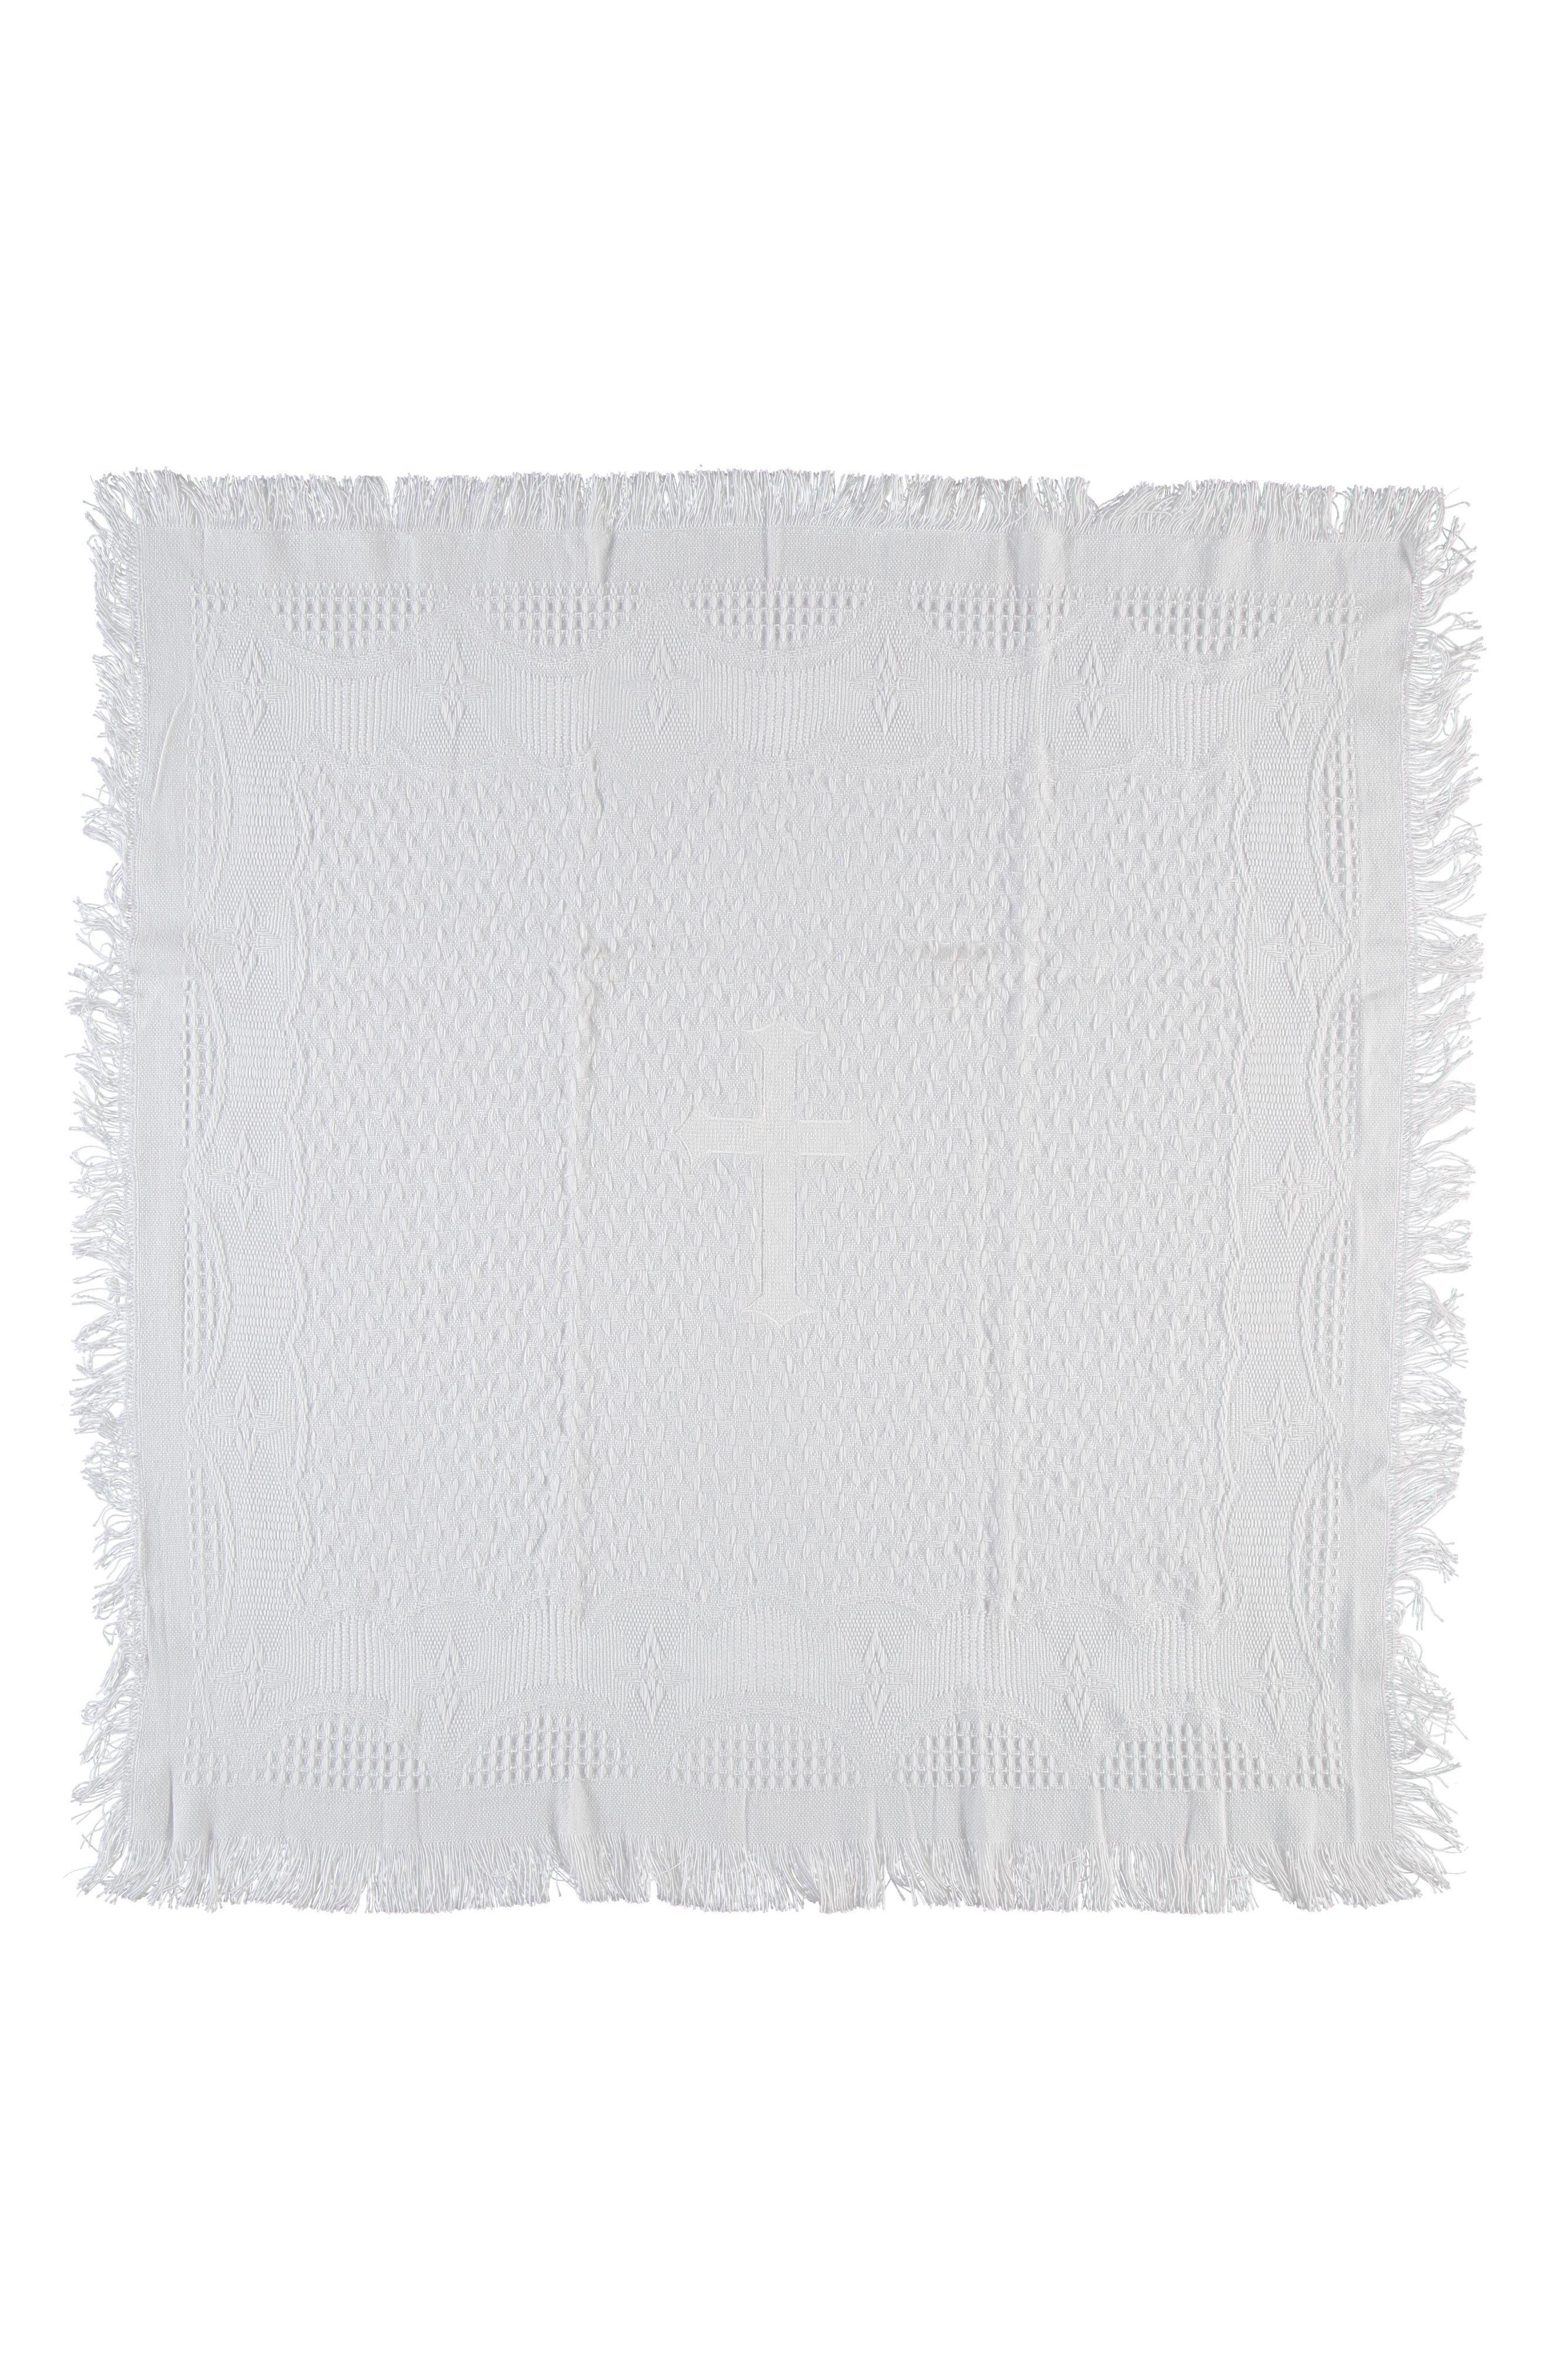 Christening Blanket,                             Alternate thumbnail 2, color,                             White